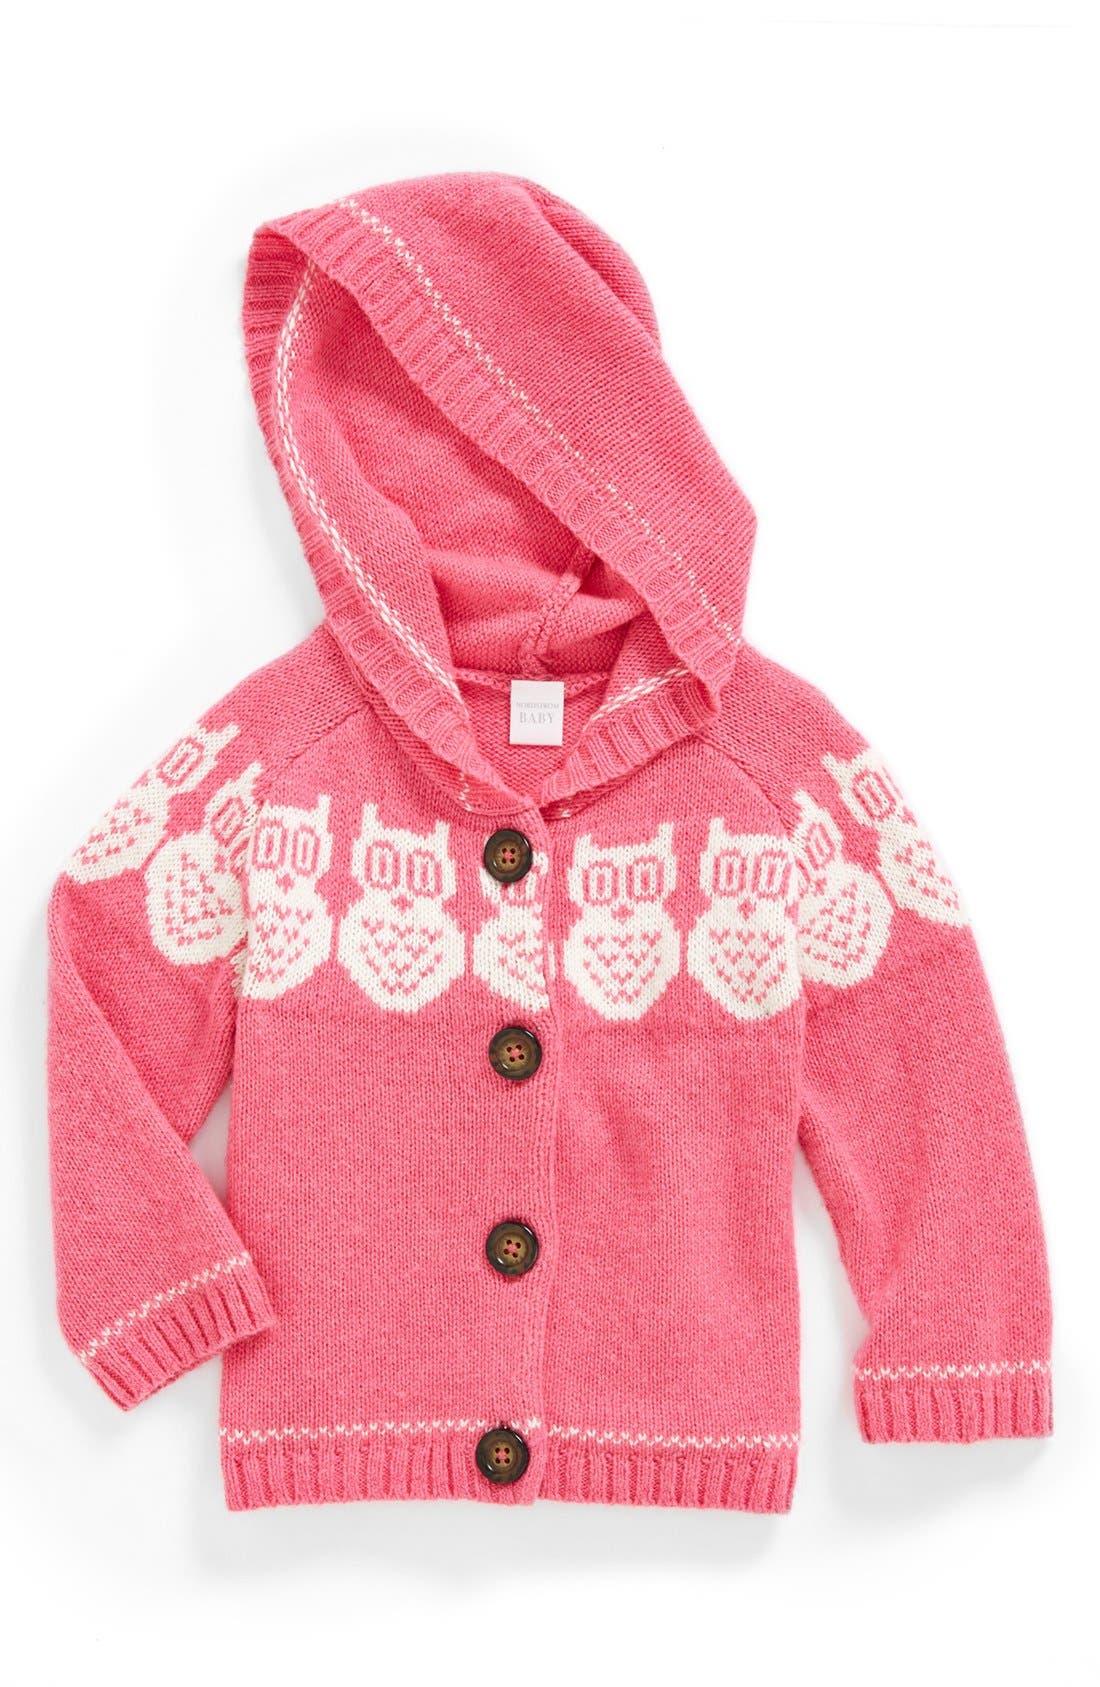 Alternate Image 1 Selected - Nordstrom Baby Fair Isle Knit Hoodie (Baby Girls)